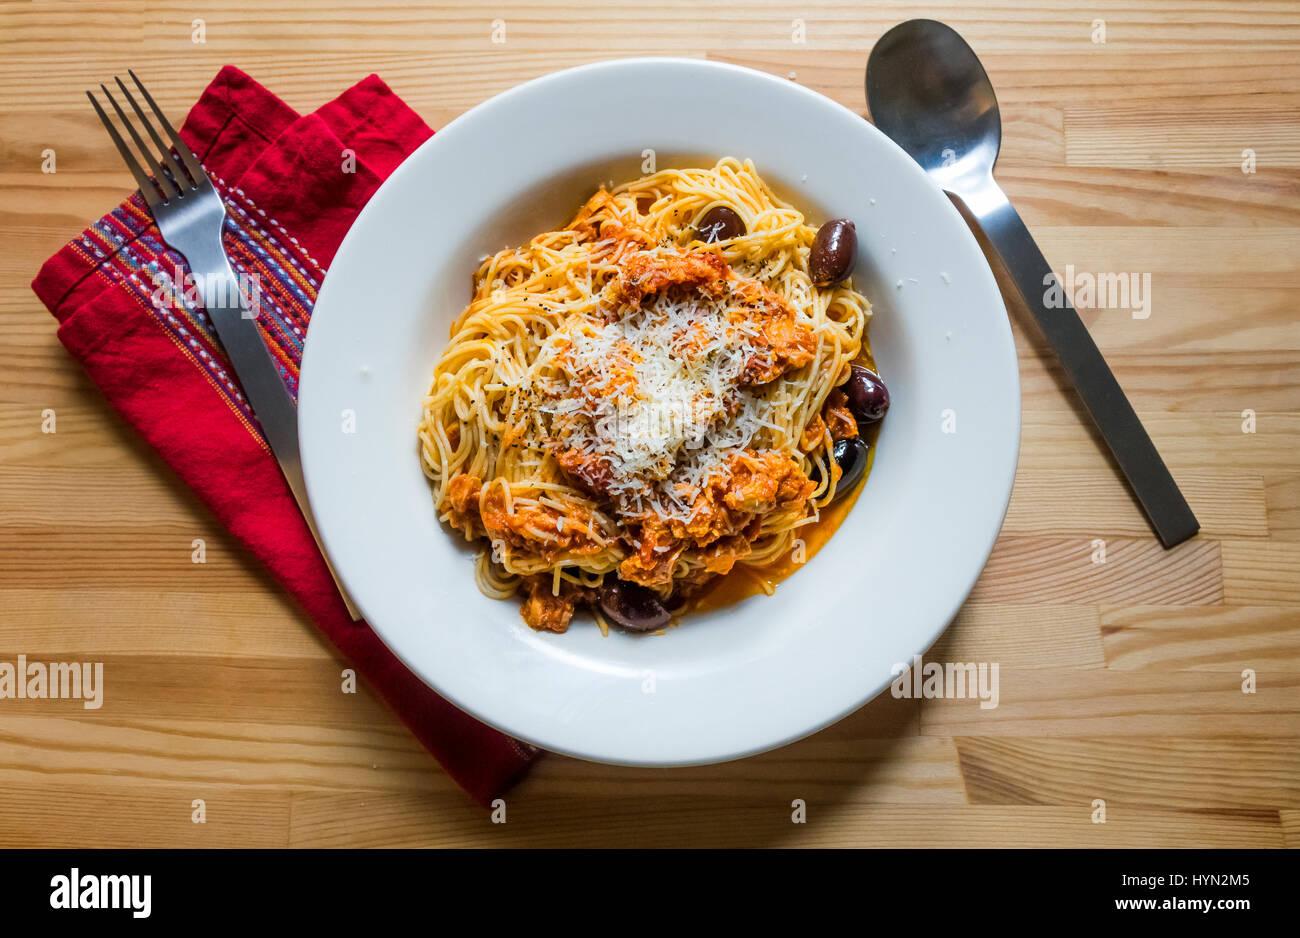 Cheveux d'ange au thon, tomates et olives Photo Stock